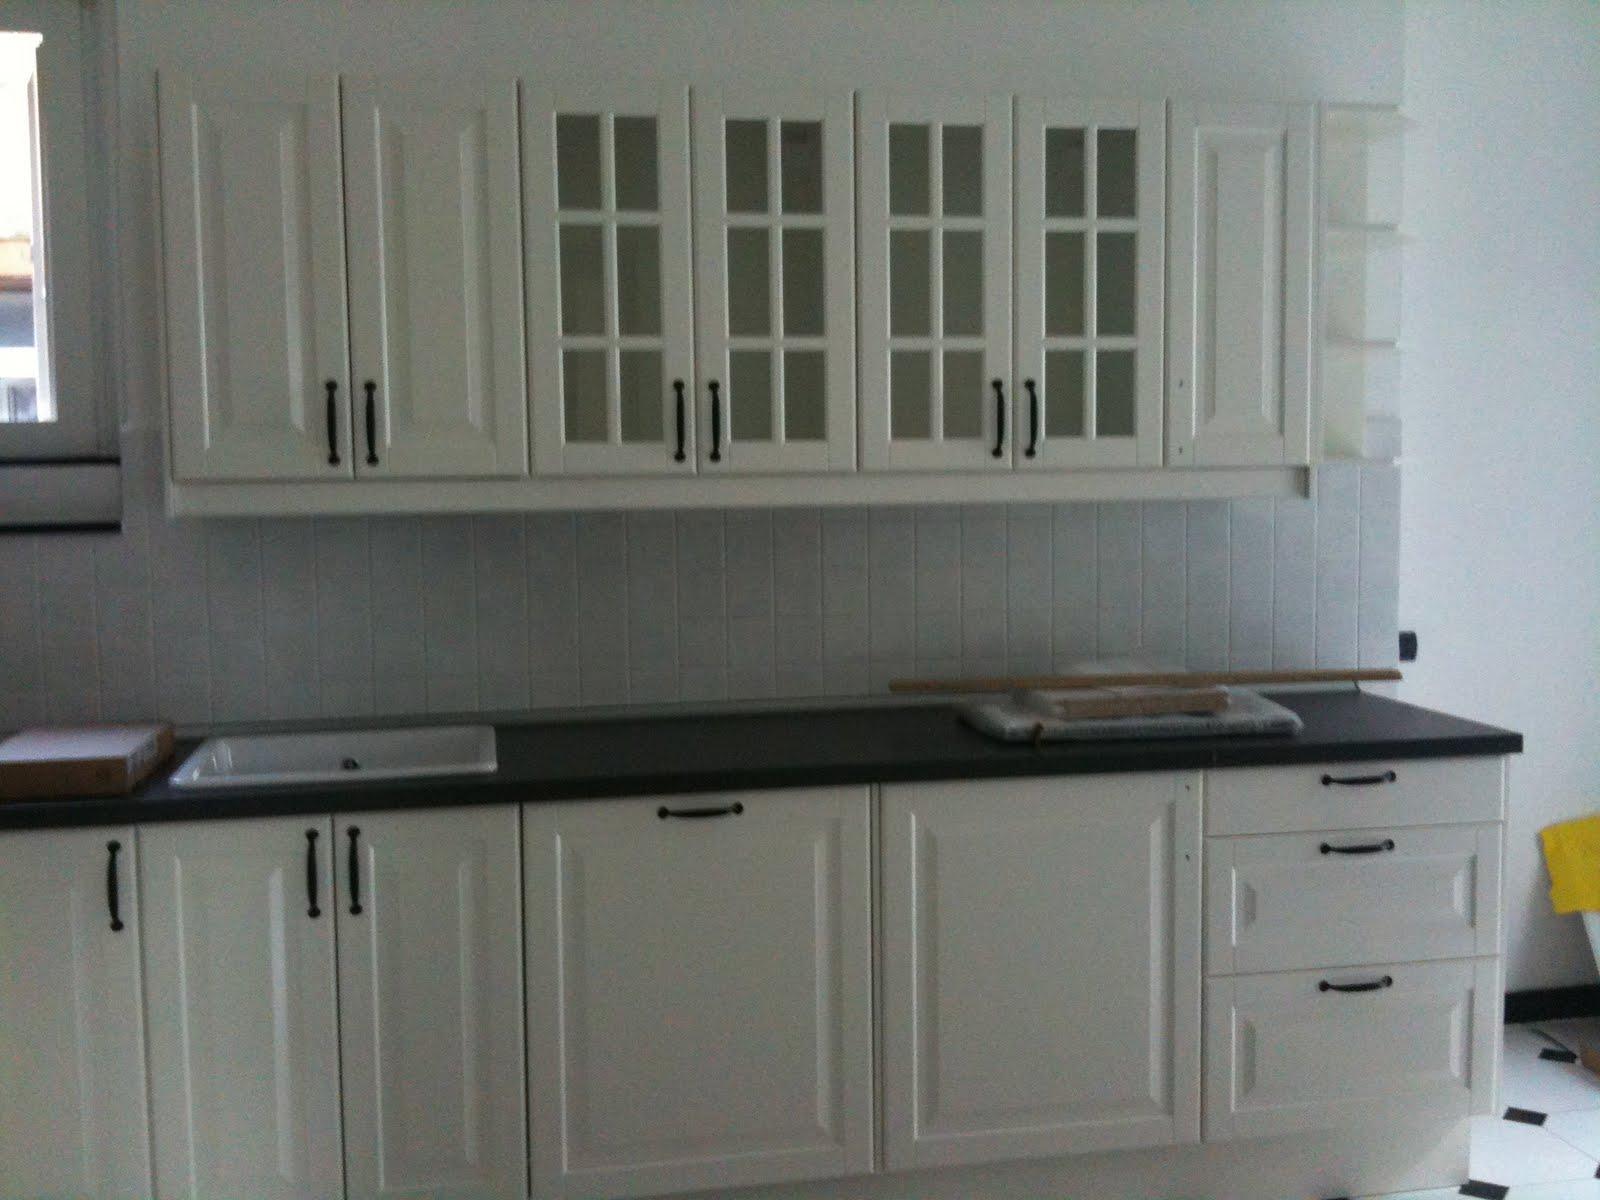 Bagno lavatrice ad incasso ~ avienix.com for .